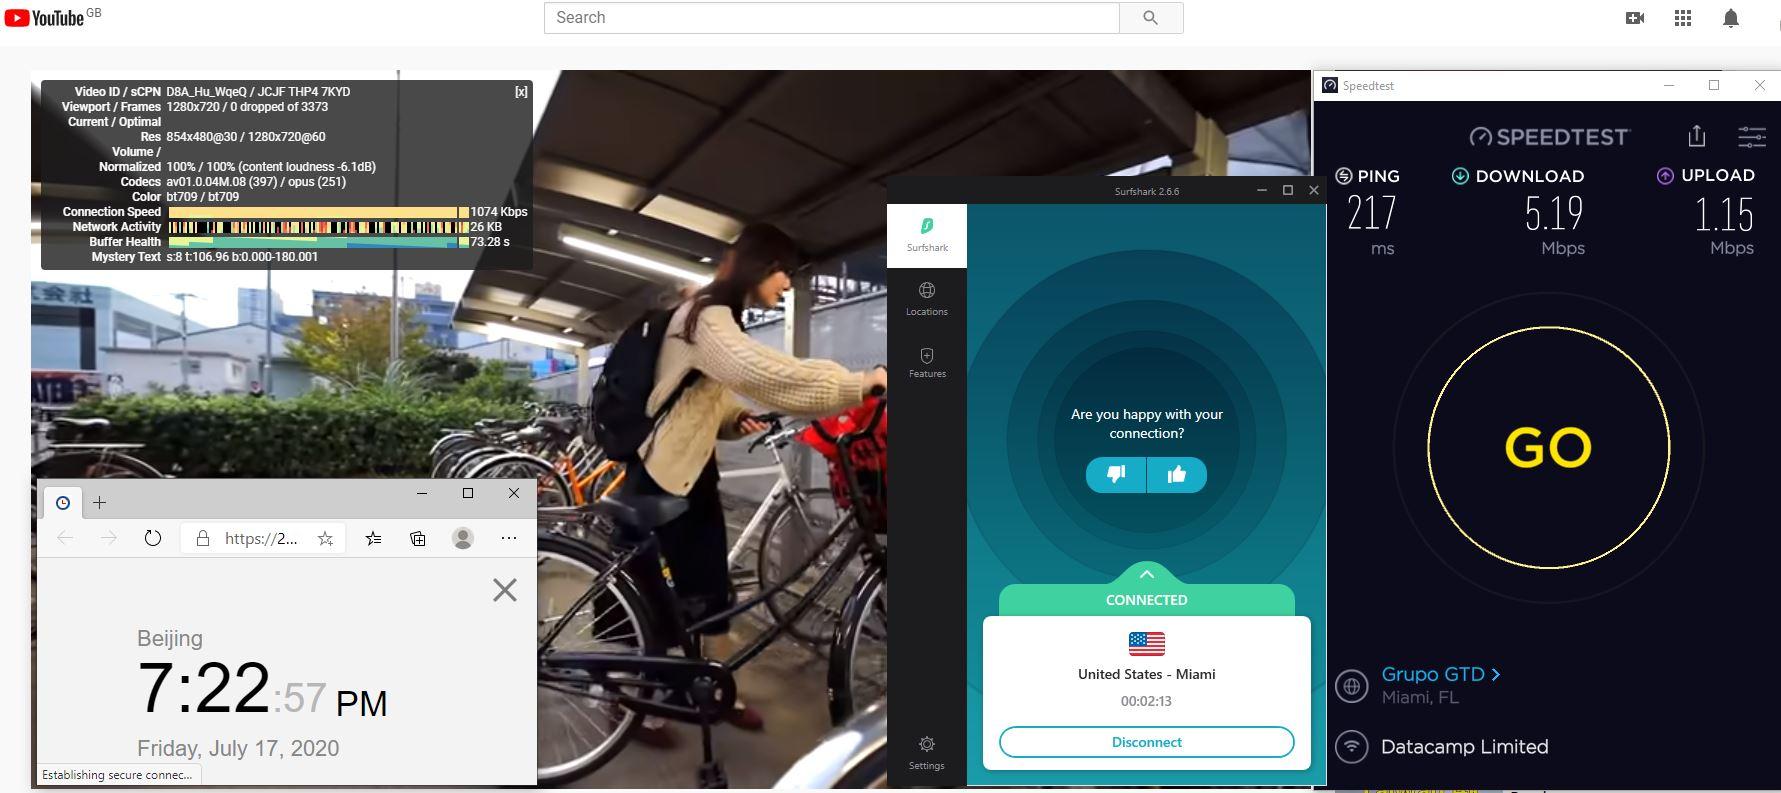 Windows10 SurfsharkVPN Miami - USA 中国VPN 翻墙 科学上网 测速-20200717